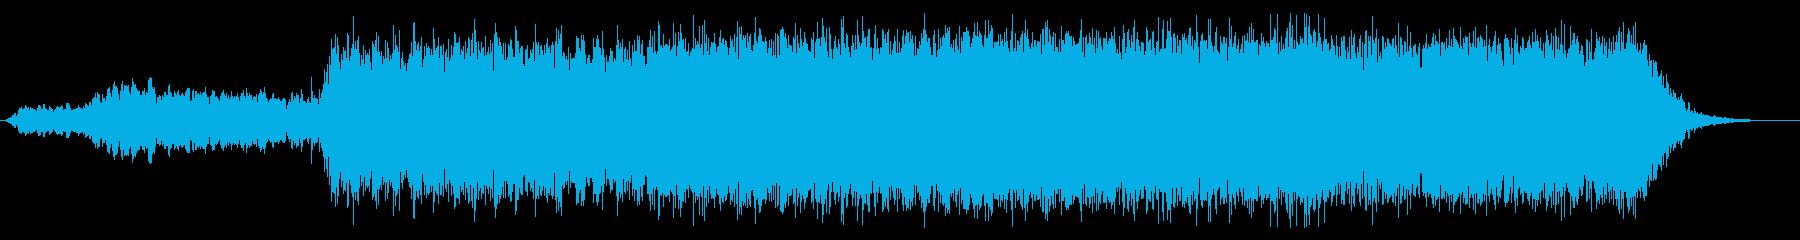 迫力と浮遊感のあるシネマティックな曲の再生済みの波形